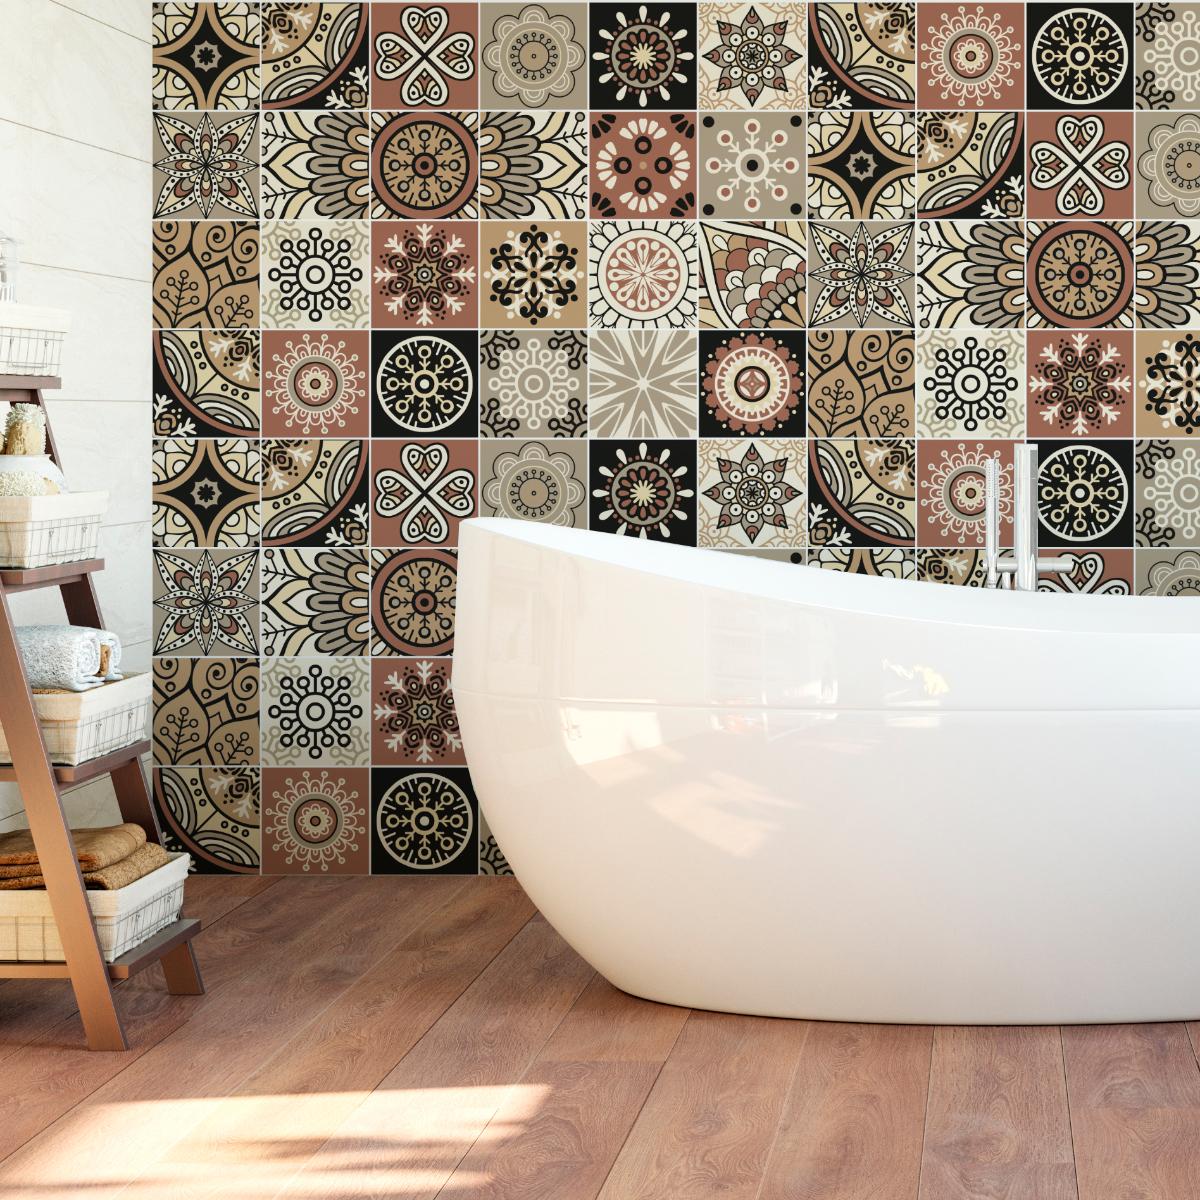 24 vinilos azulejos Piura - BAÑO Cuarto de baño - Ambiance ...